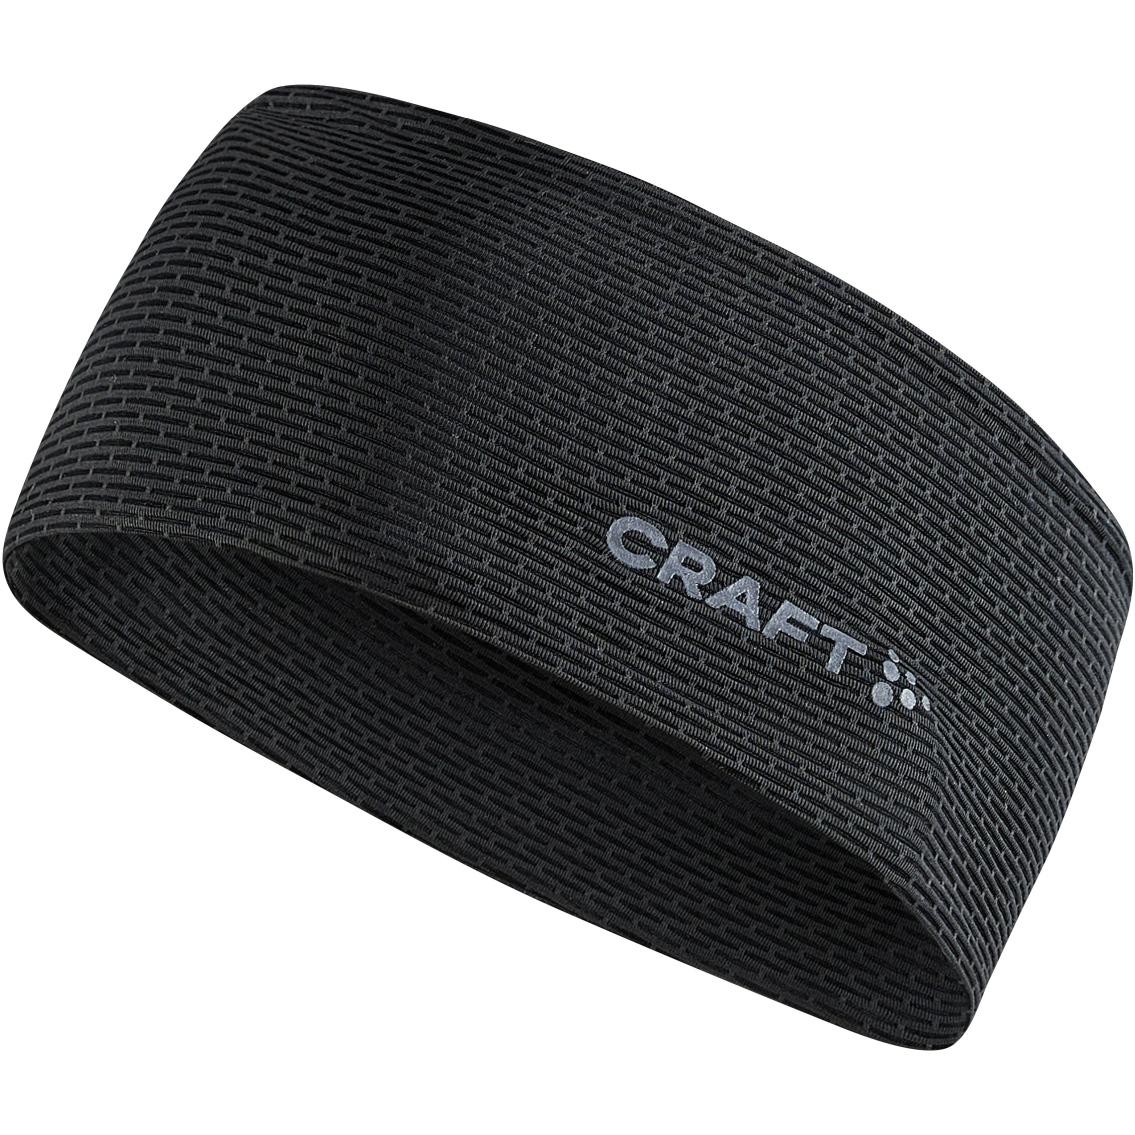 CRAFT Mesh Nano Weight Headband Unisize 1910711 - 999000 Black